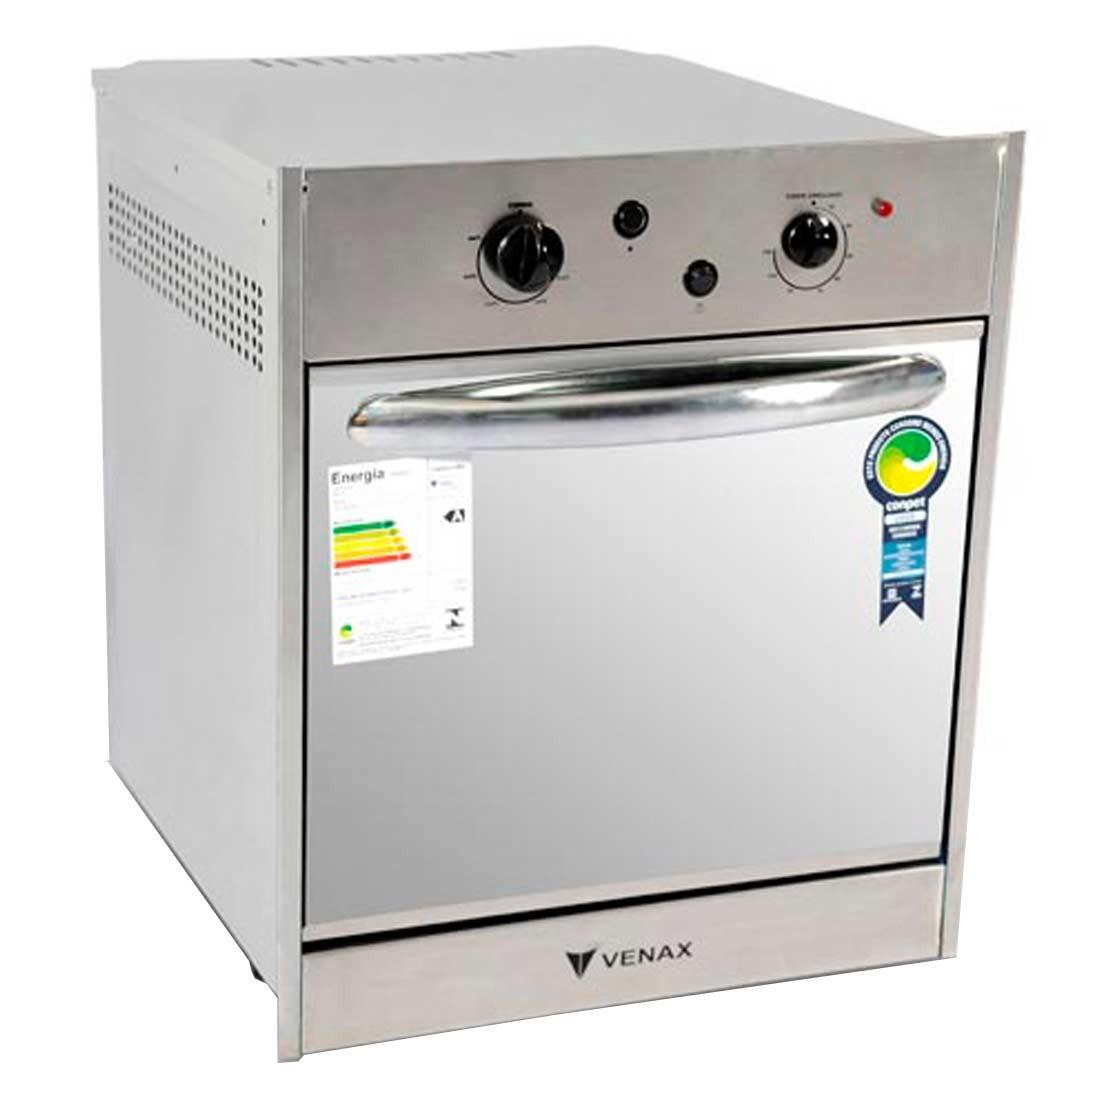 Forno a g s de embutir 50 litros cristallo gn inox venax for Forno a gas